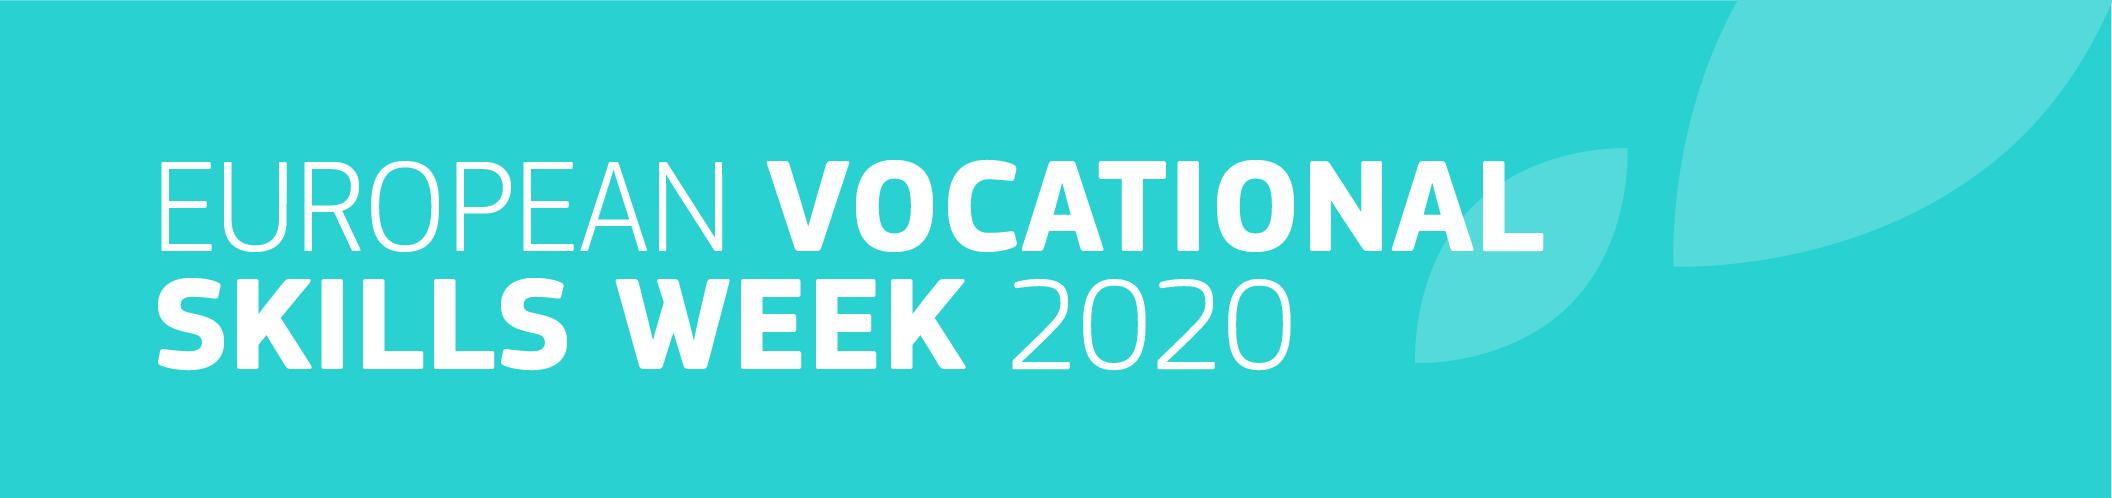 Vocational Skills Week